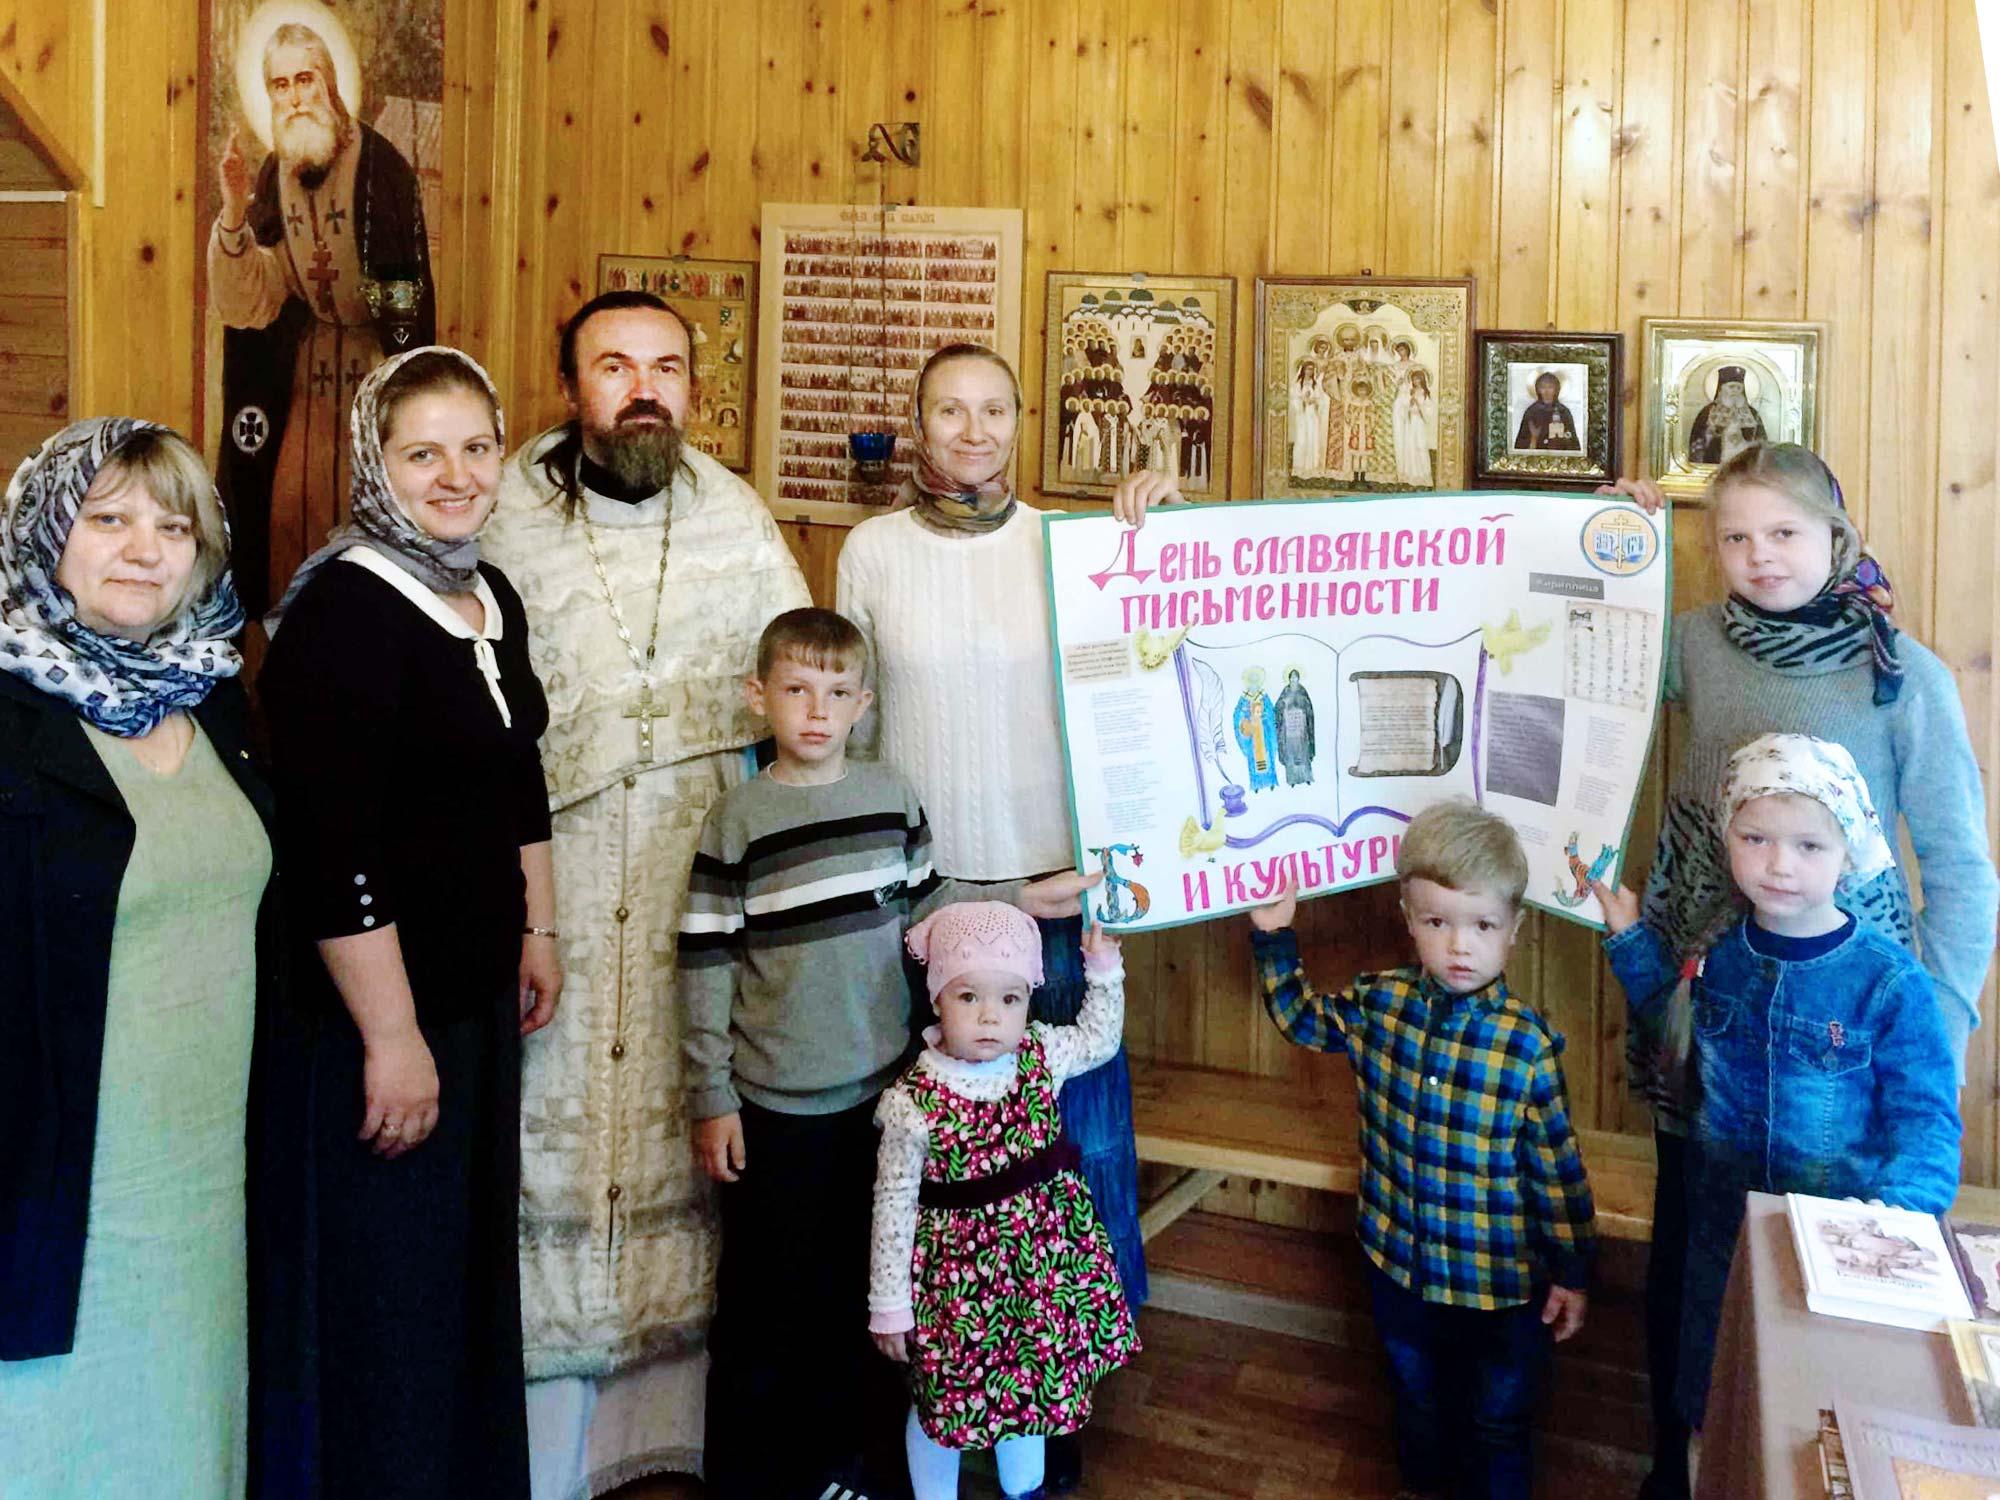 День славянской письменности и культуры на приходе Воскресенского храма села Васильево